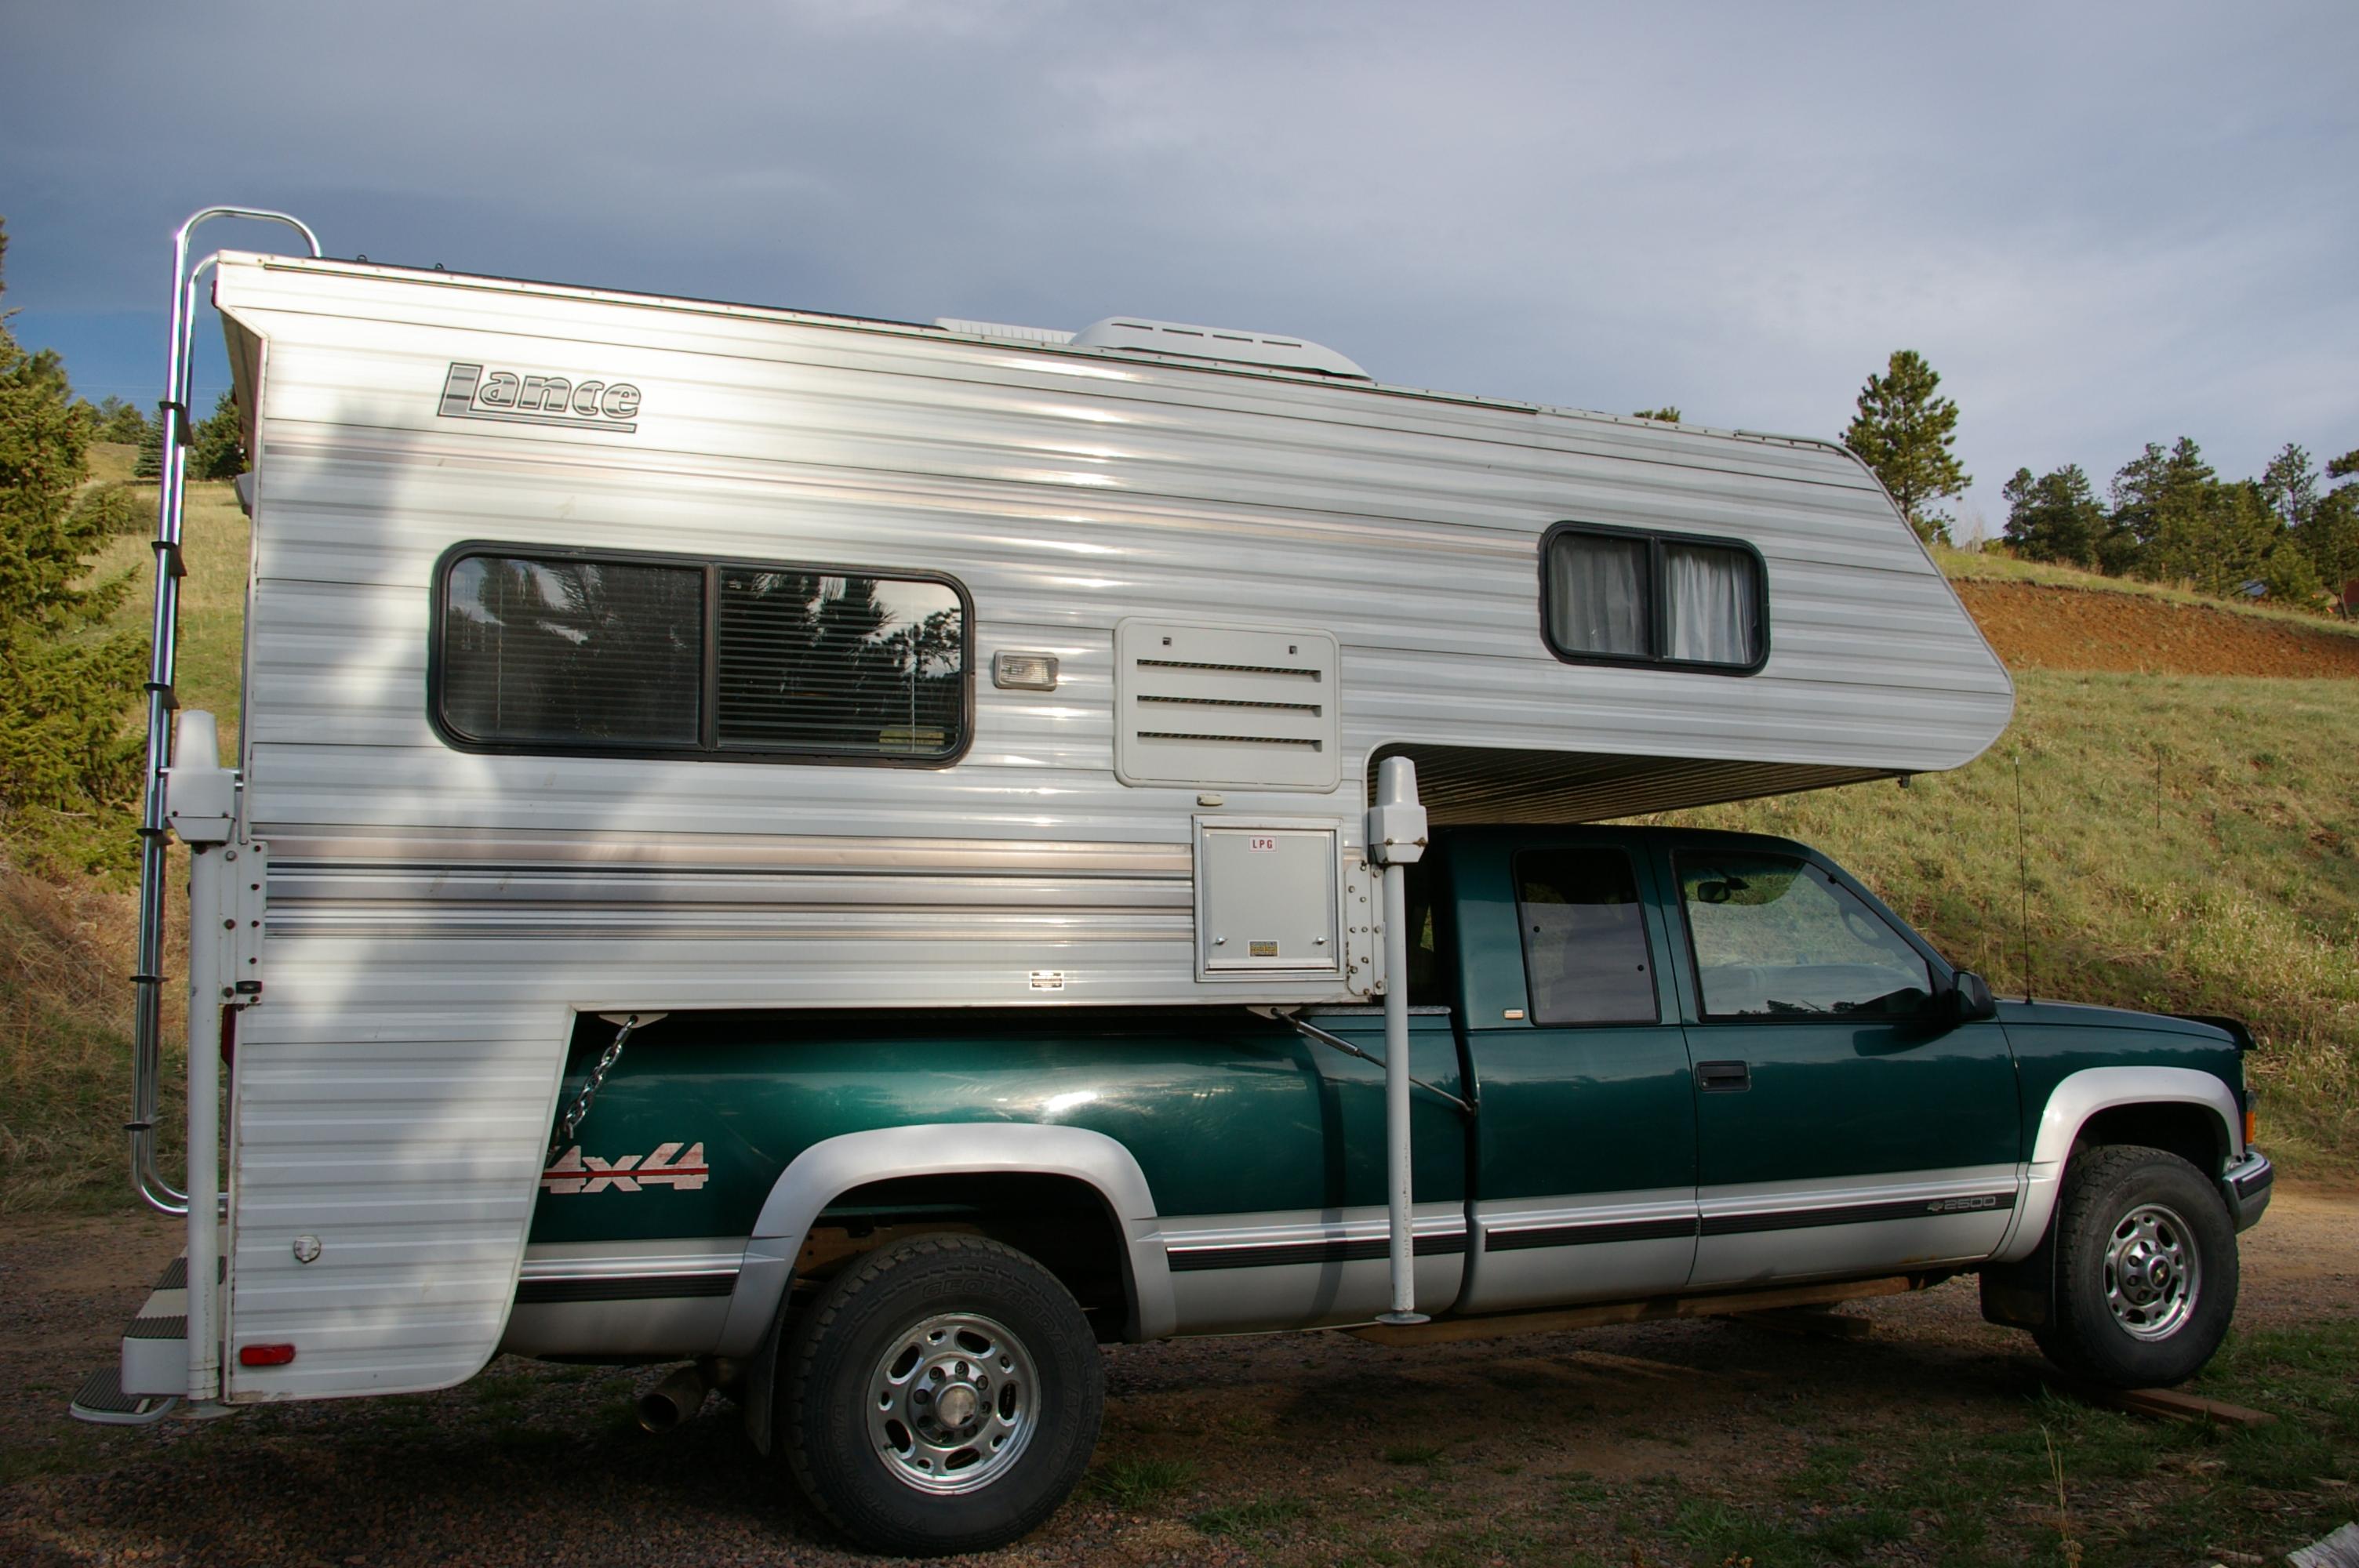 Living in a truck camper full time